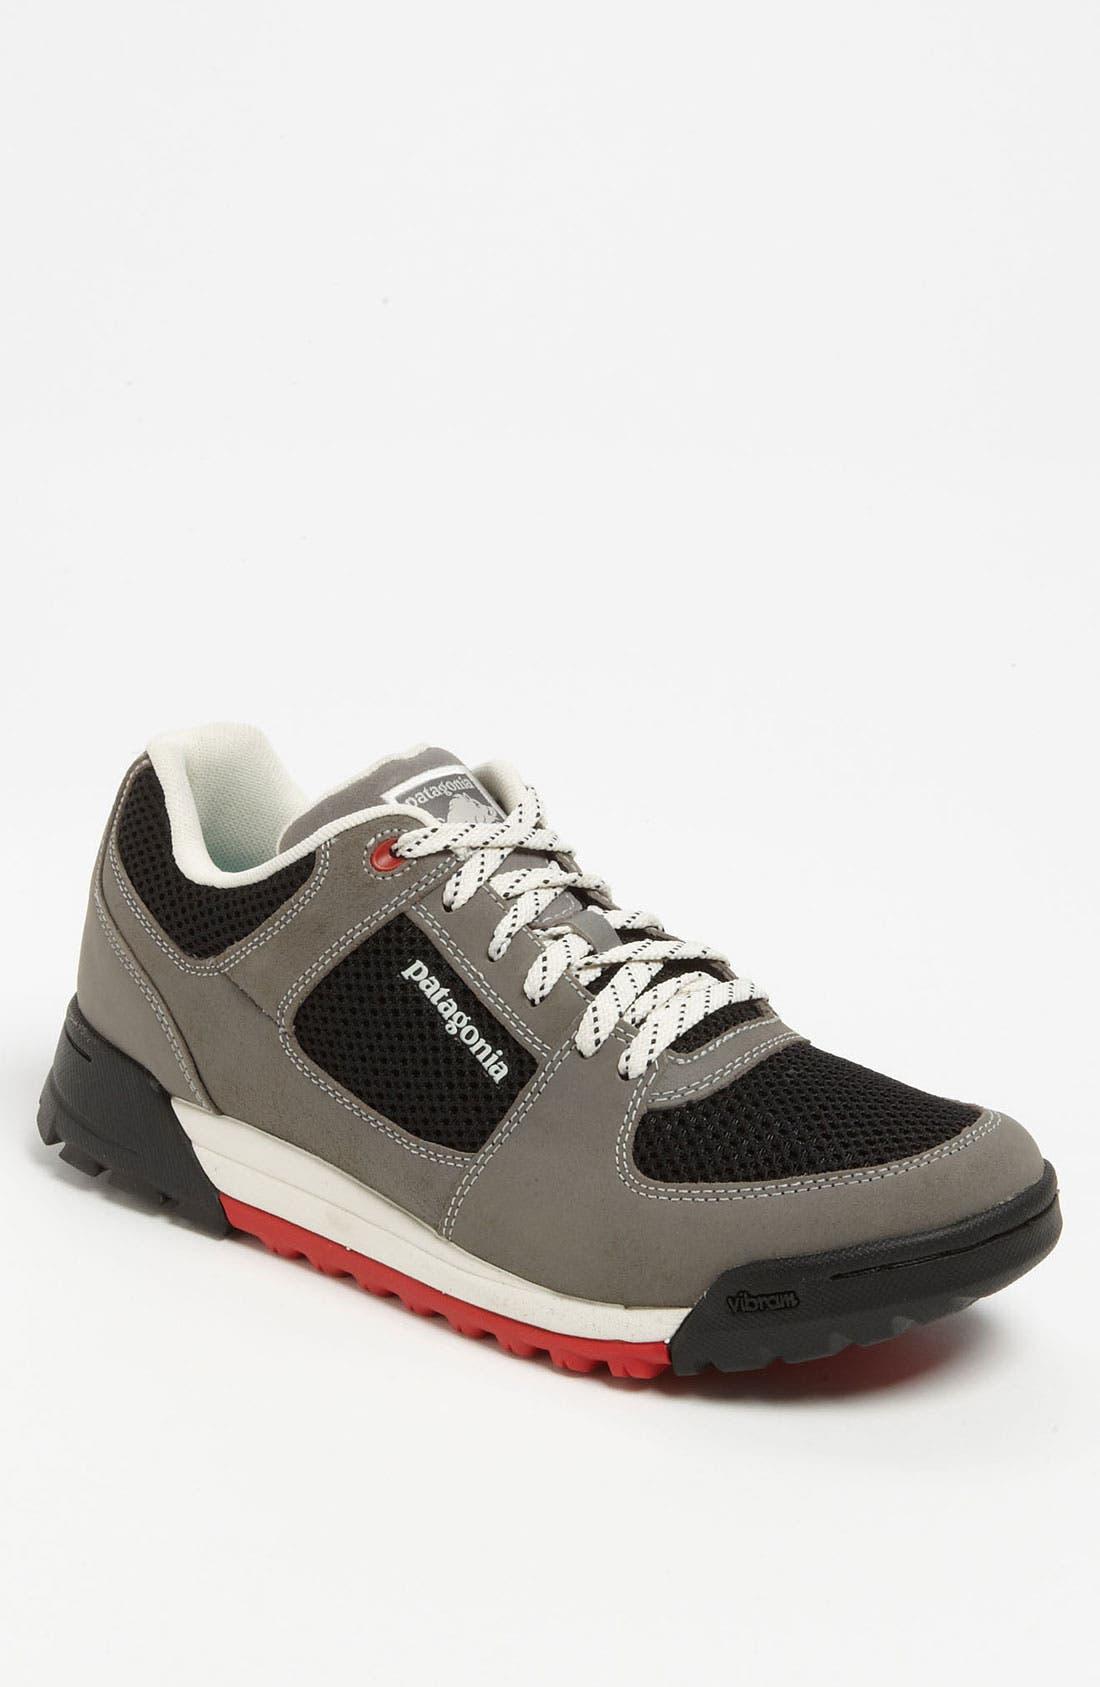 Main Image - Patagonia 'Javelina AC' Walking Shoe (Men) (Online Only)